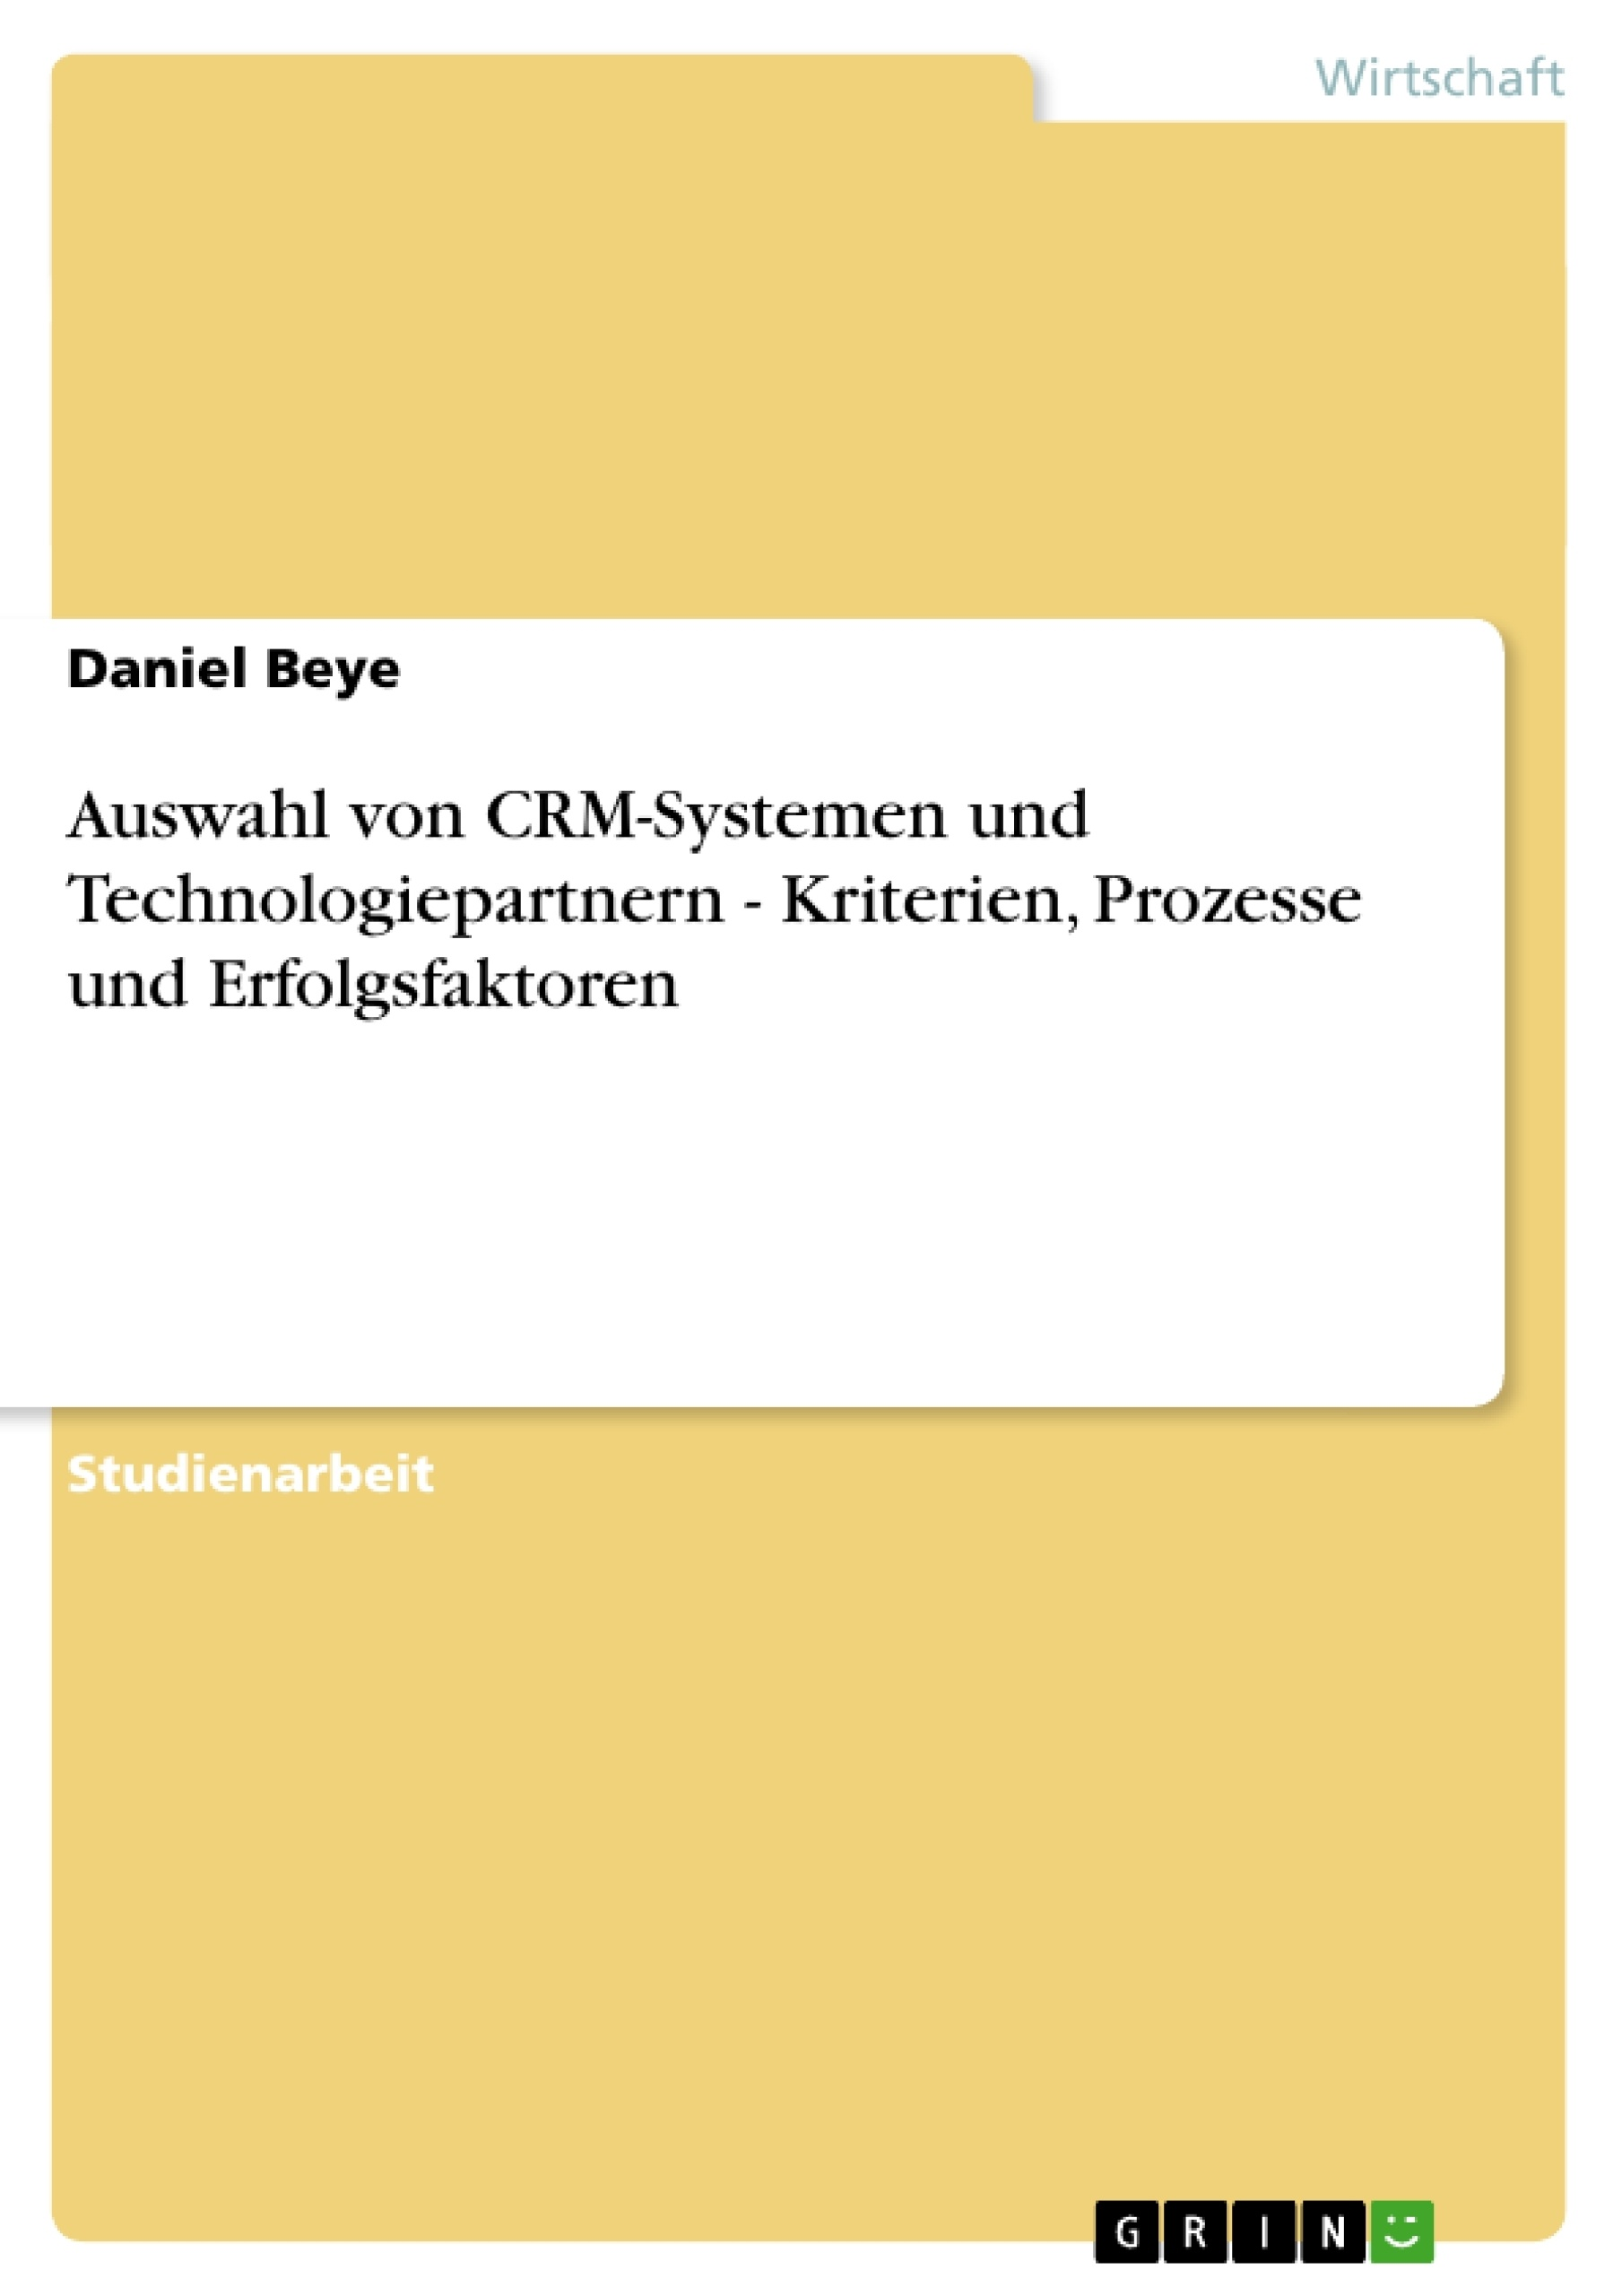 Titel: Auswahl von CRM-Systemen und Technologiepartnern - Kriterien, Prozesse und Erfolgsfaktoren